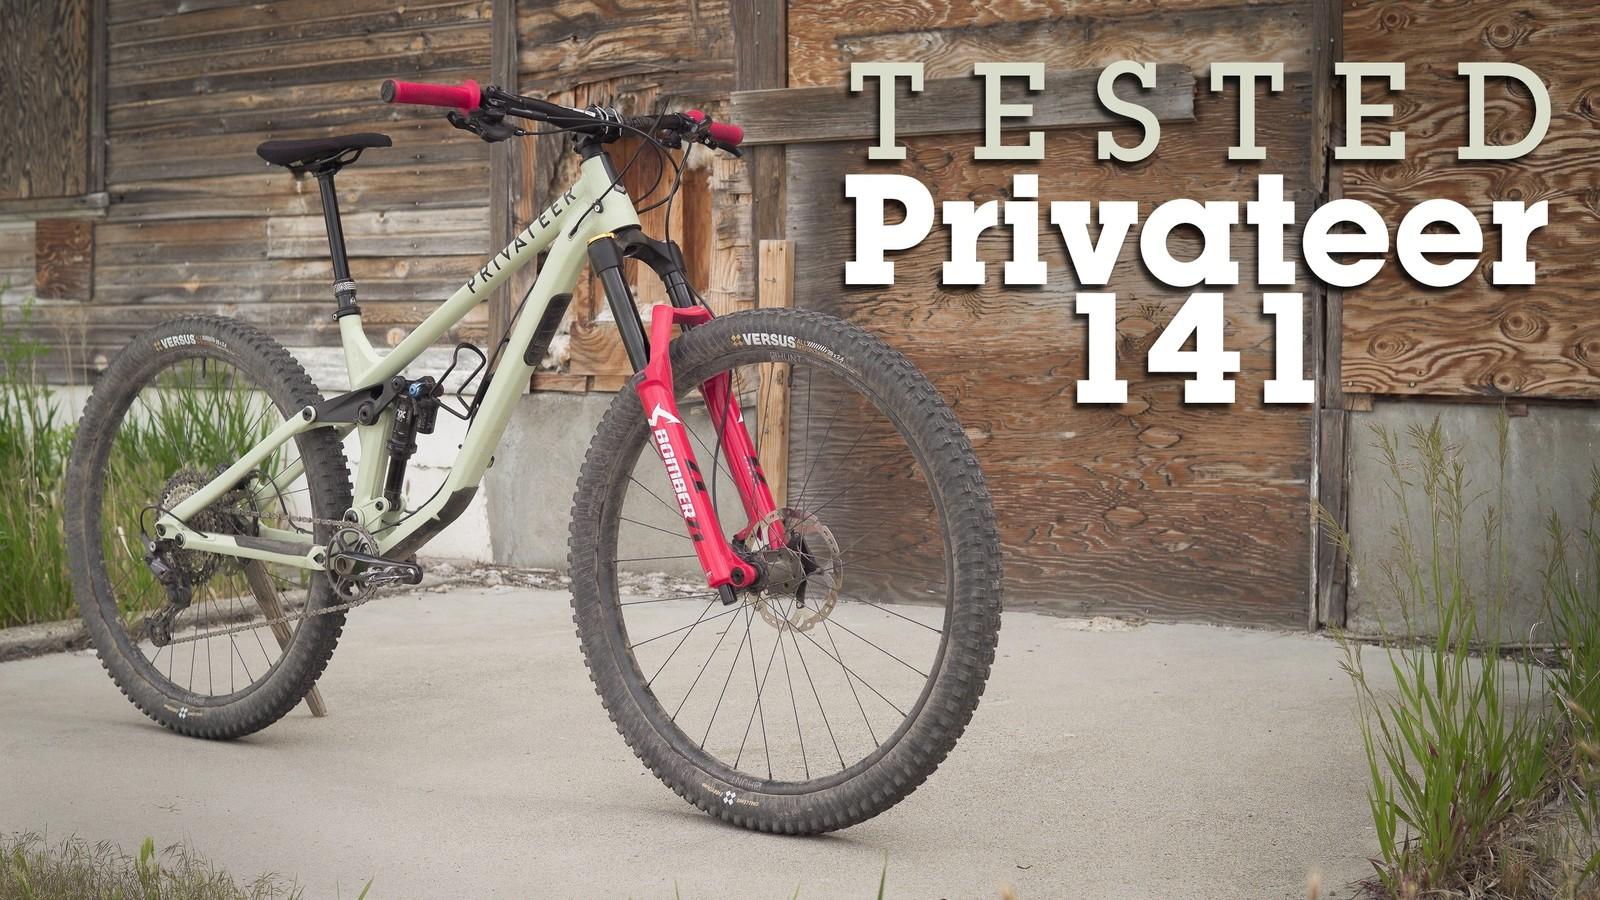 Vital's Custom Privateer 141 Tested